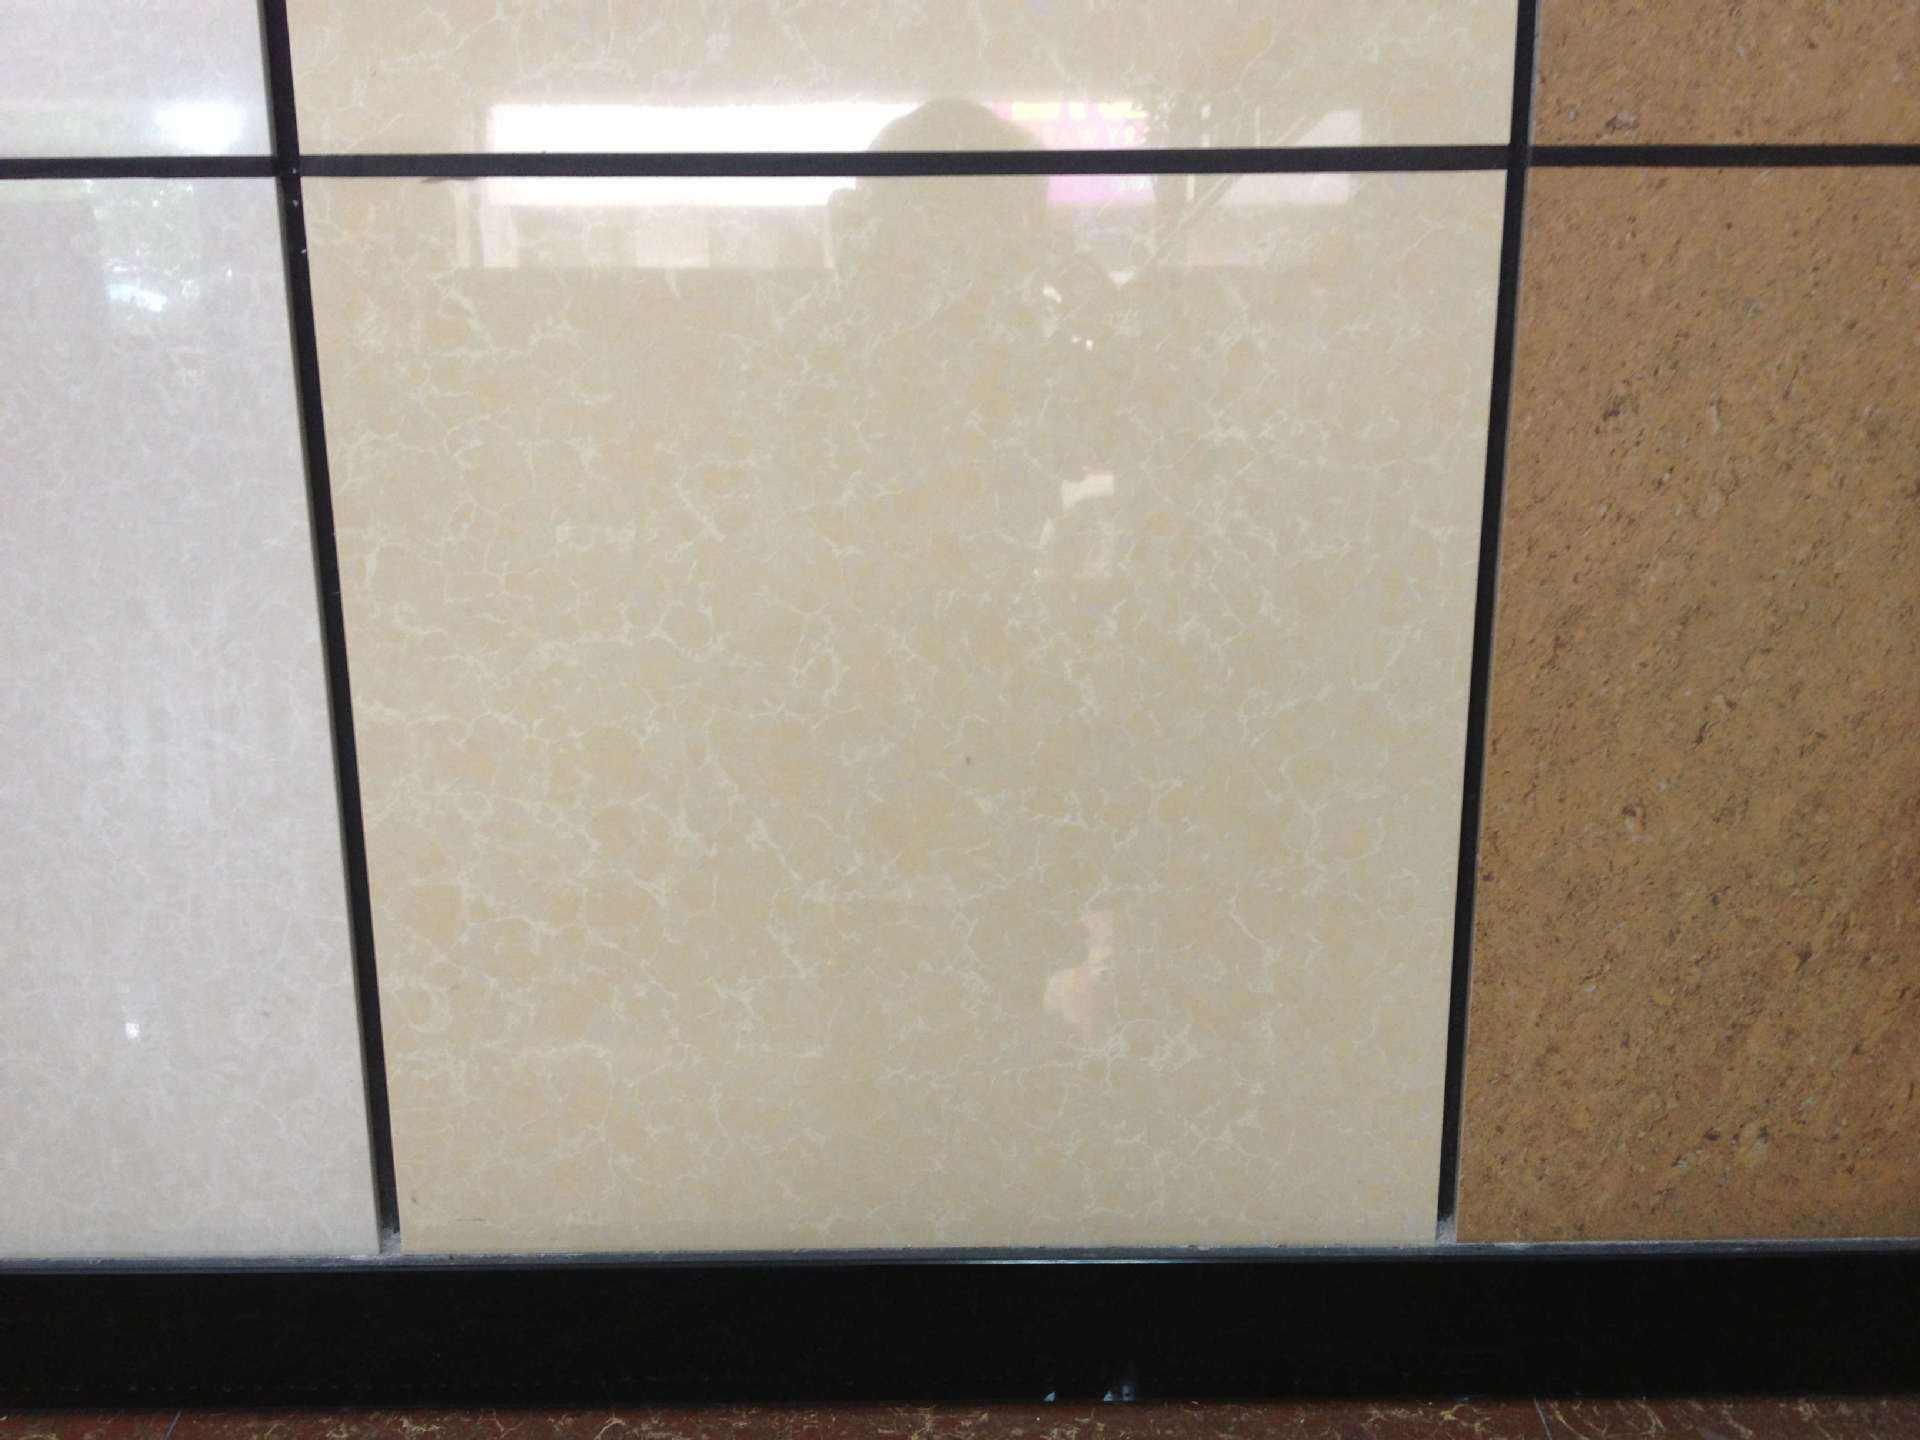 拋光磚或釉面磚比釉面磚好。哪種地磚適合客廳產權證樣品?